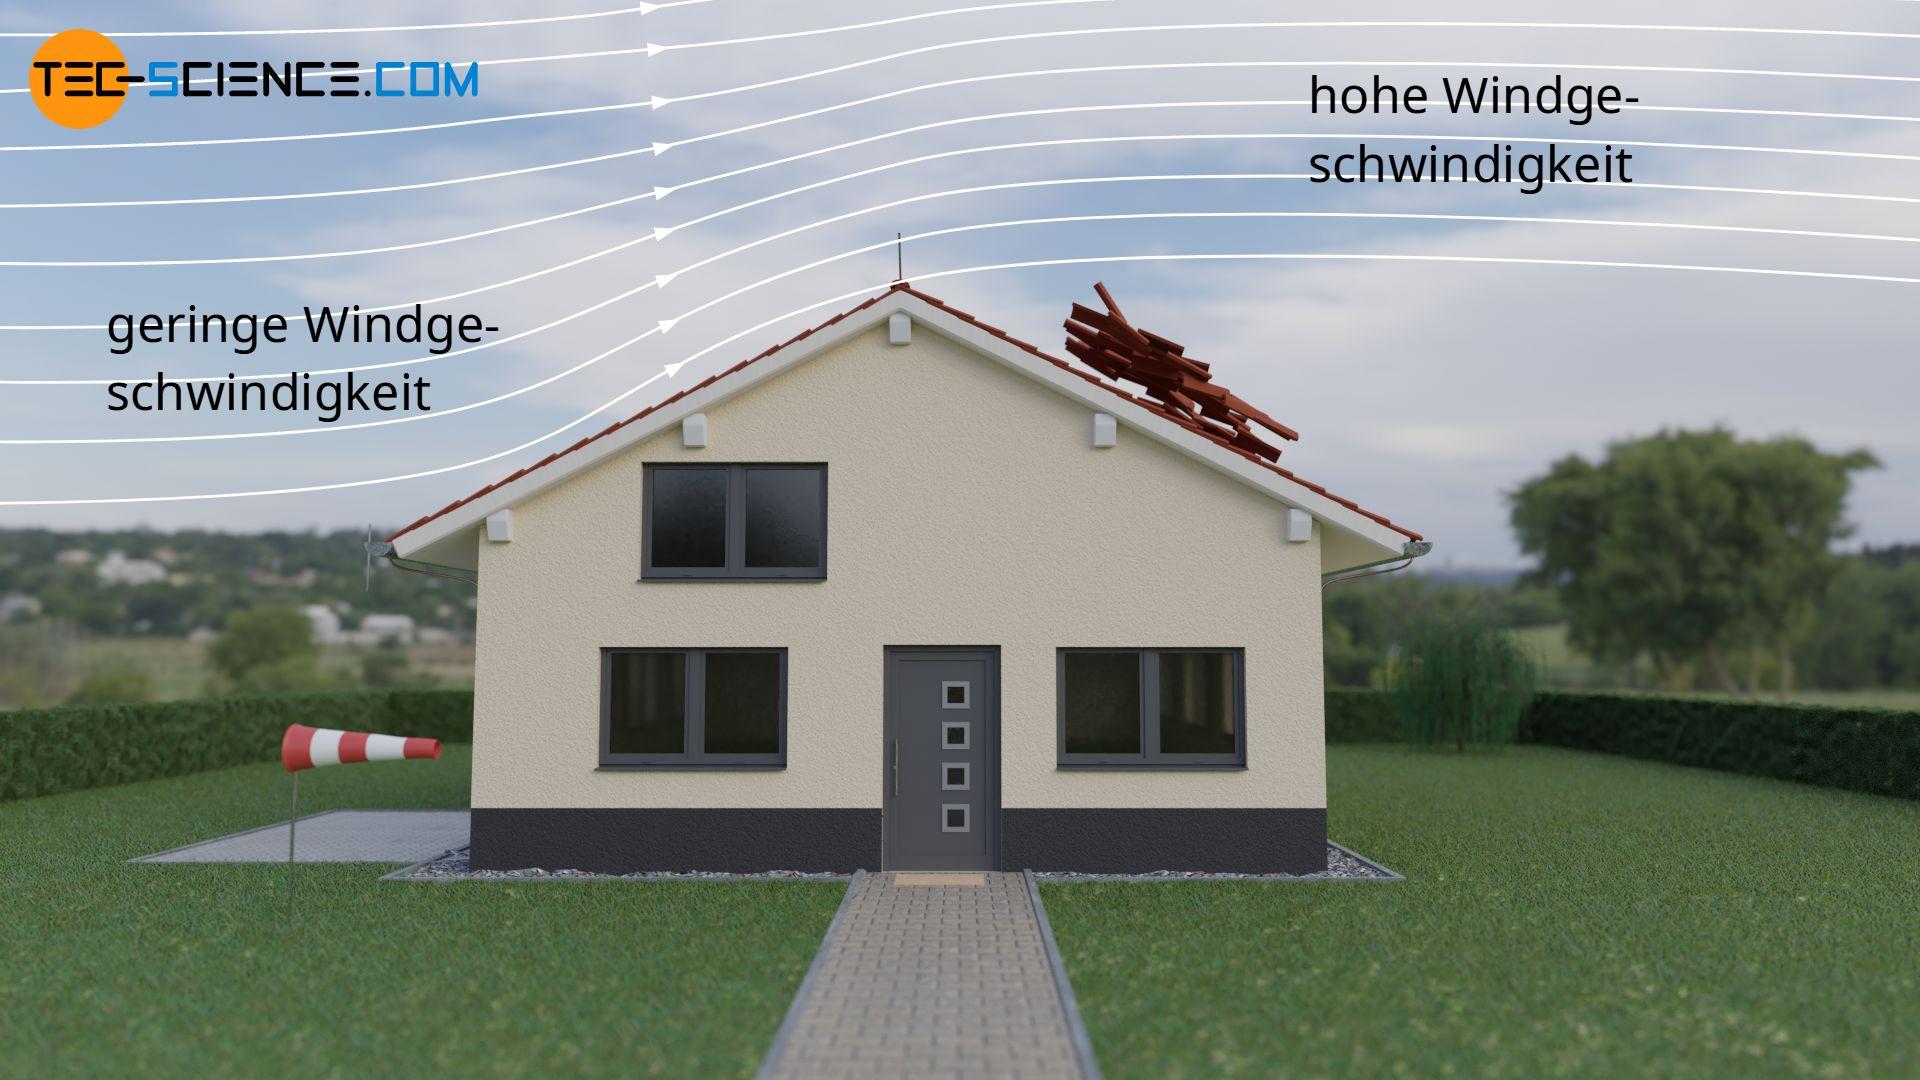 Abdecken eines Dachs durch einen Sturm auf der windabgewandten Seite